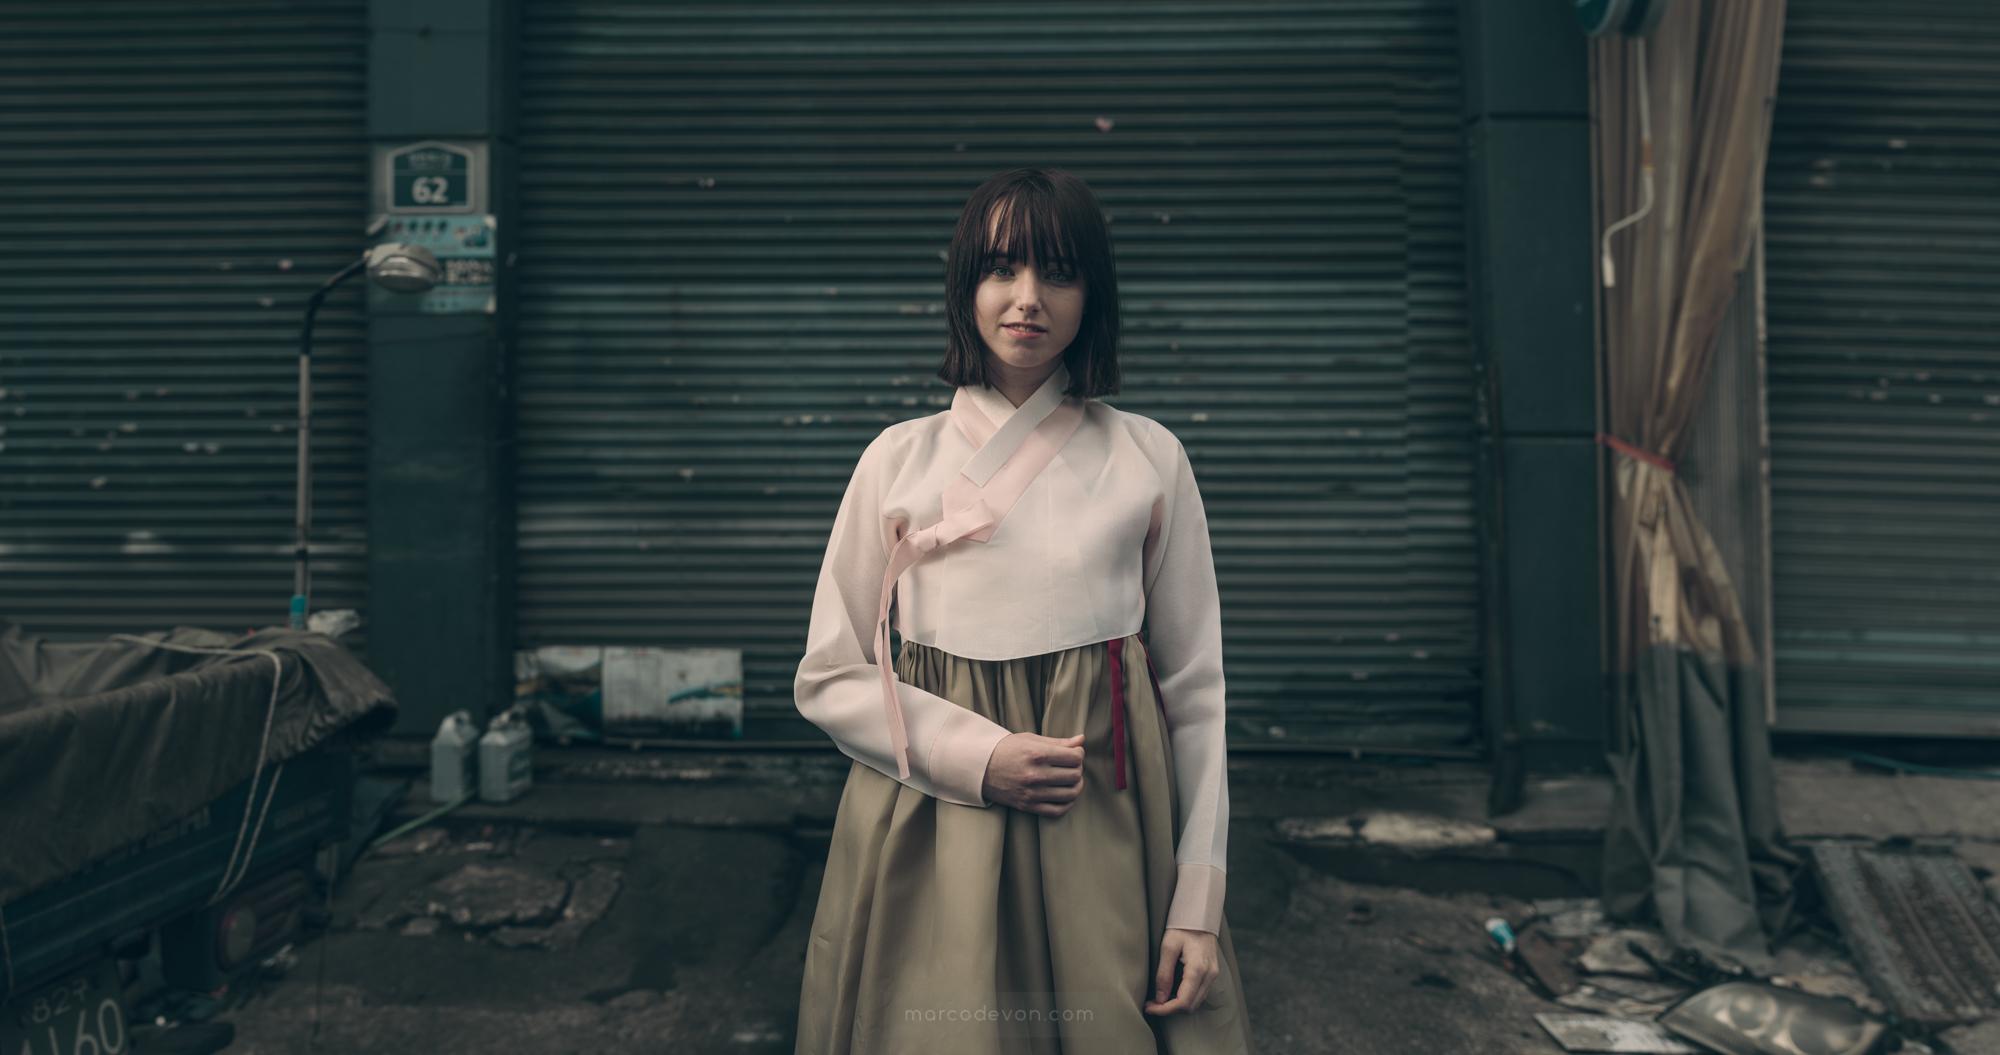 한복 1 seoul photographer